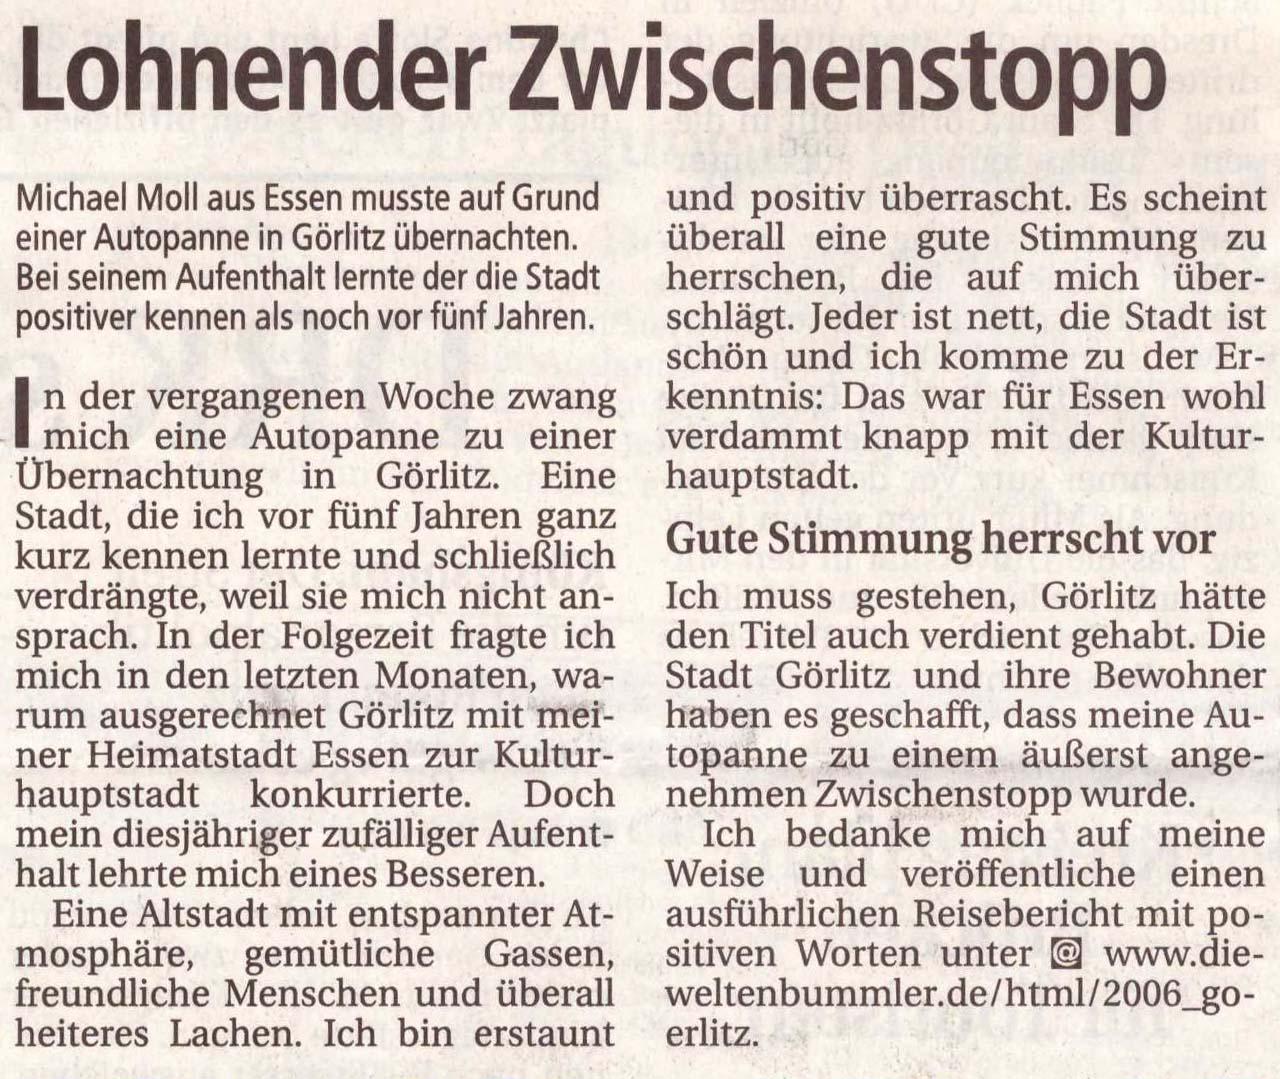 Sächsische Zeitung vom 18. Juli 2006